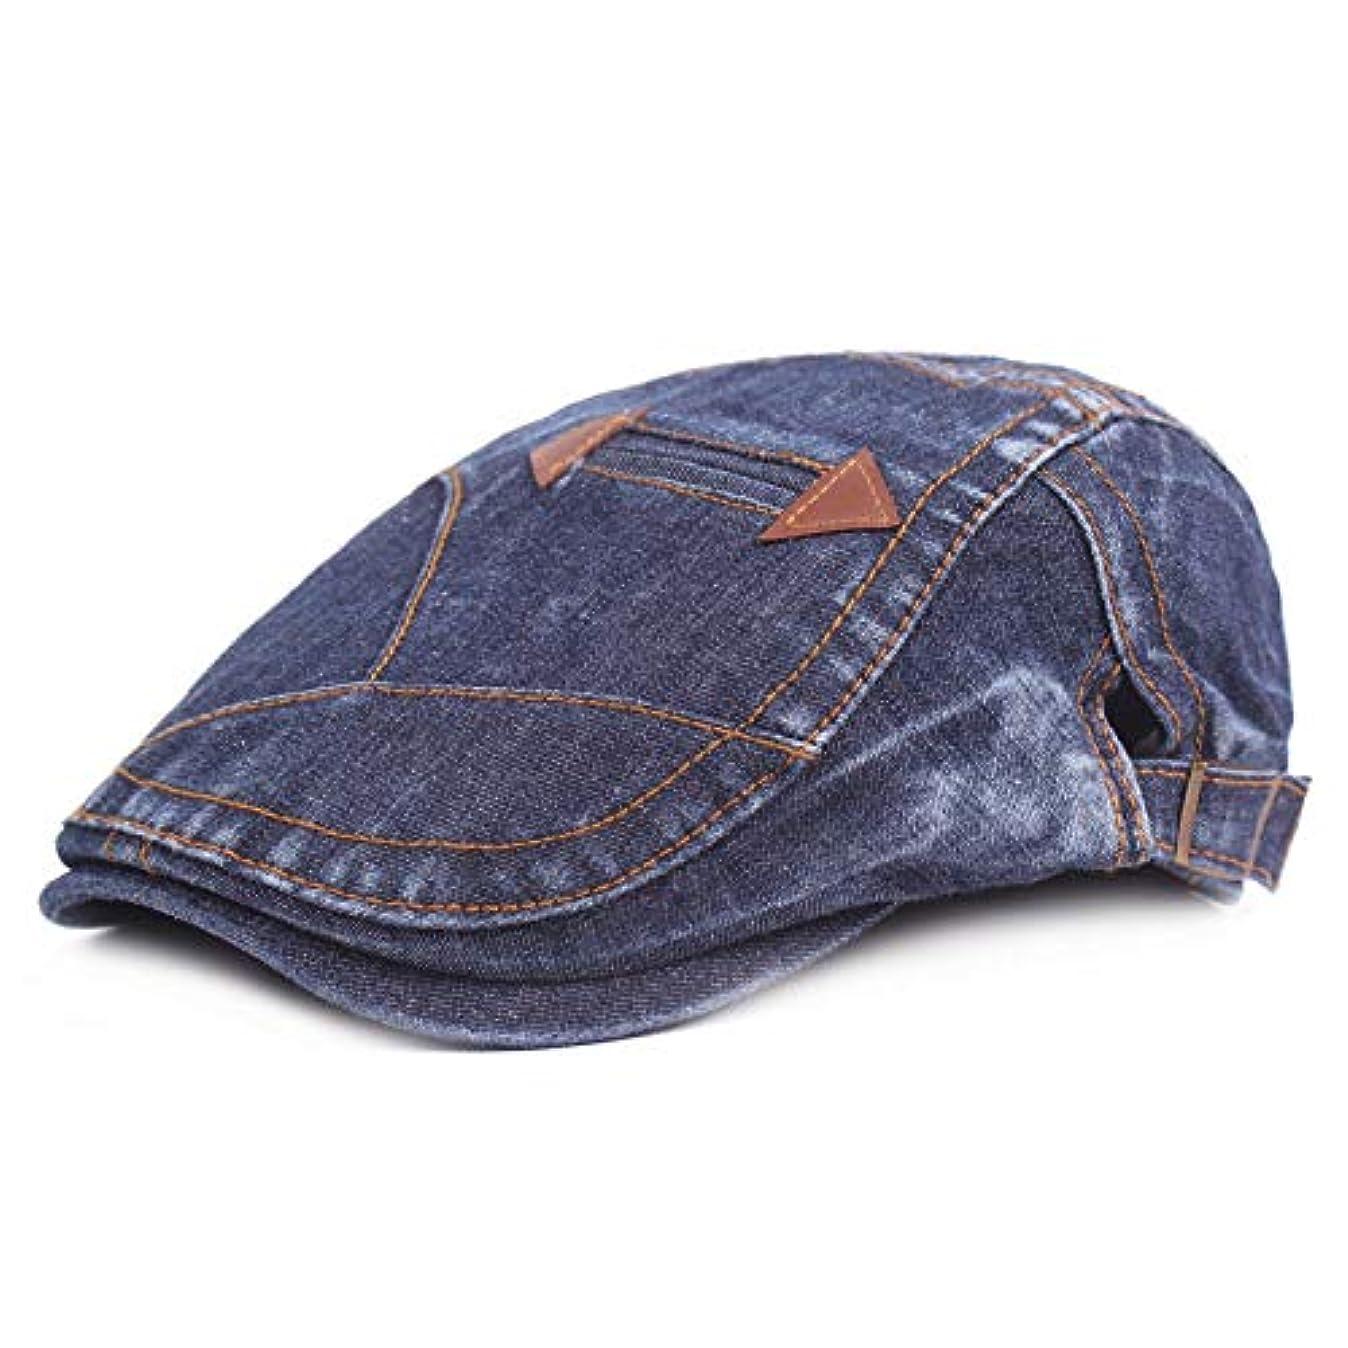 ブラウザ体細胞興奮するベレー帽 ユニセックス おしゃれ 綿 ハンチング帽子 紫外線対策調節可能 日よけ 帽子